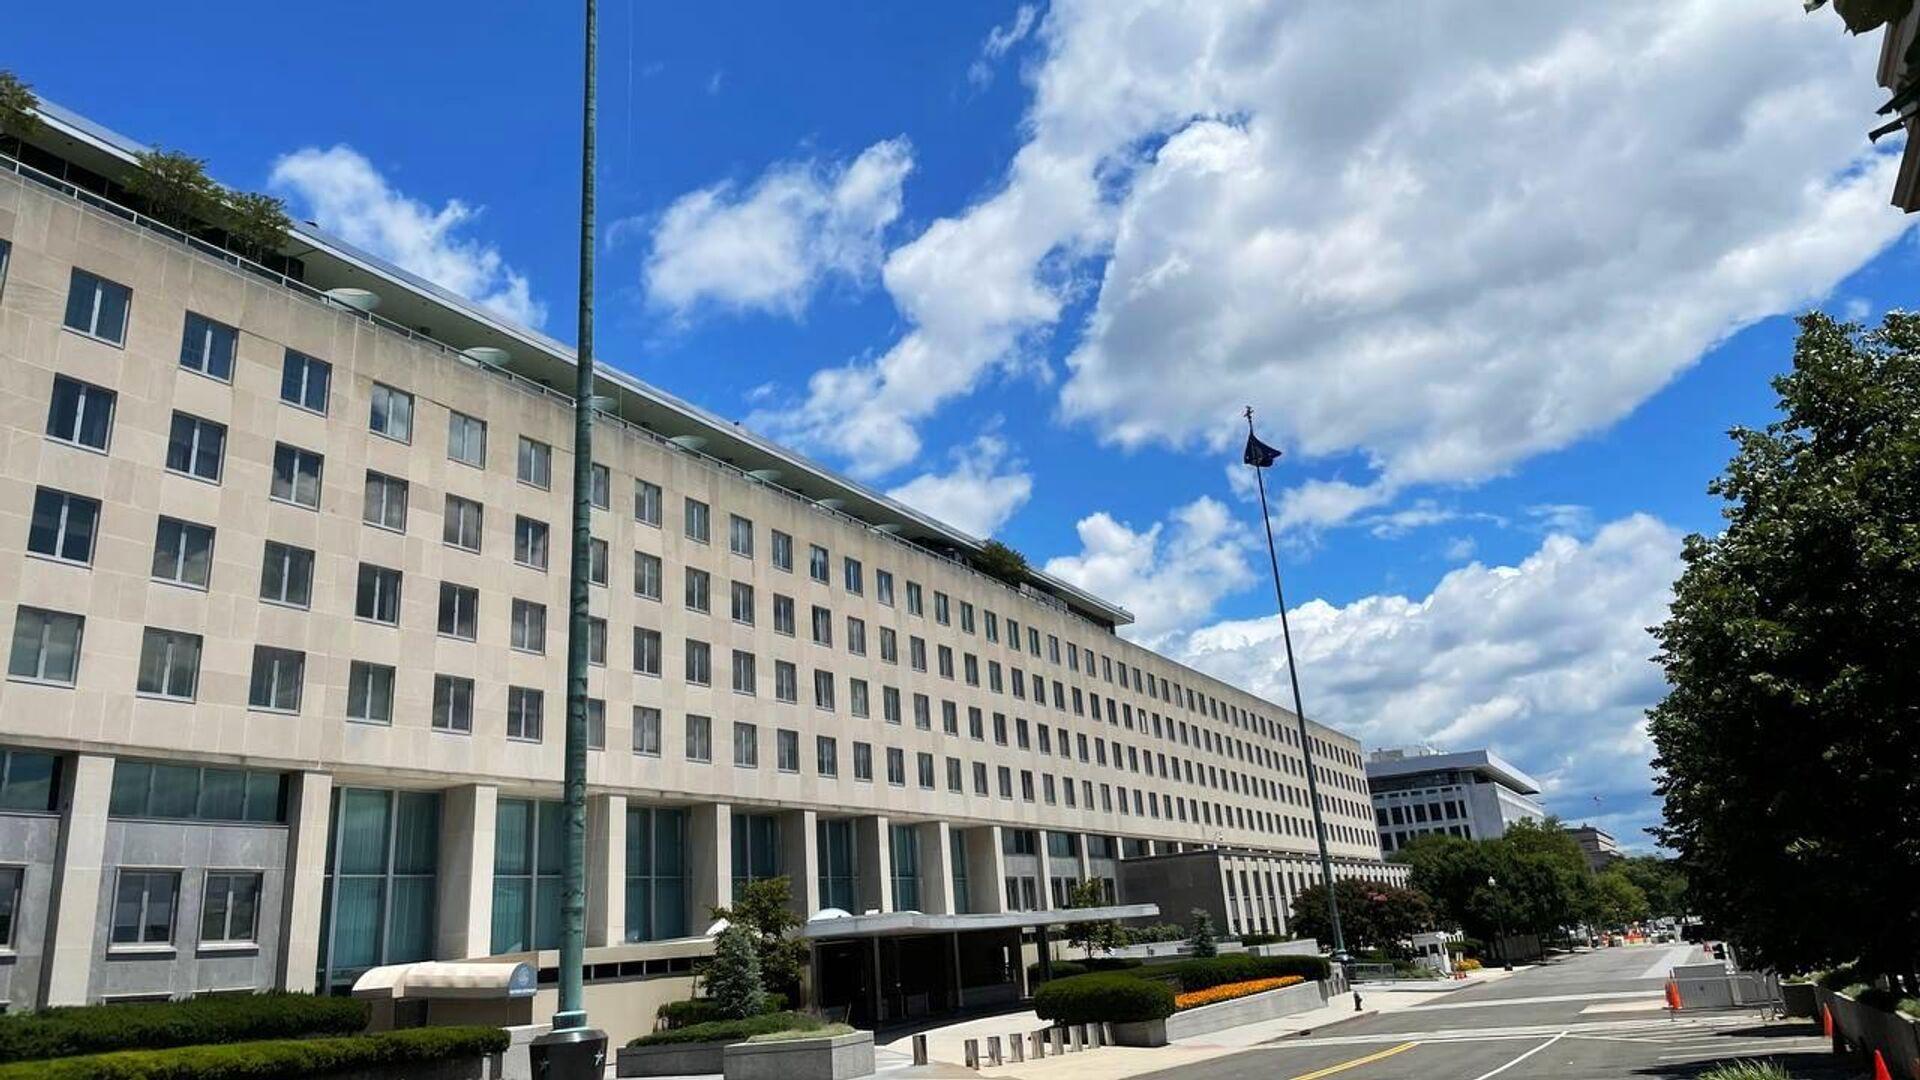 Здание Государственного департамента США в Вашингтоне - РИА Новости, 1920, 17.09.2021